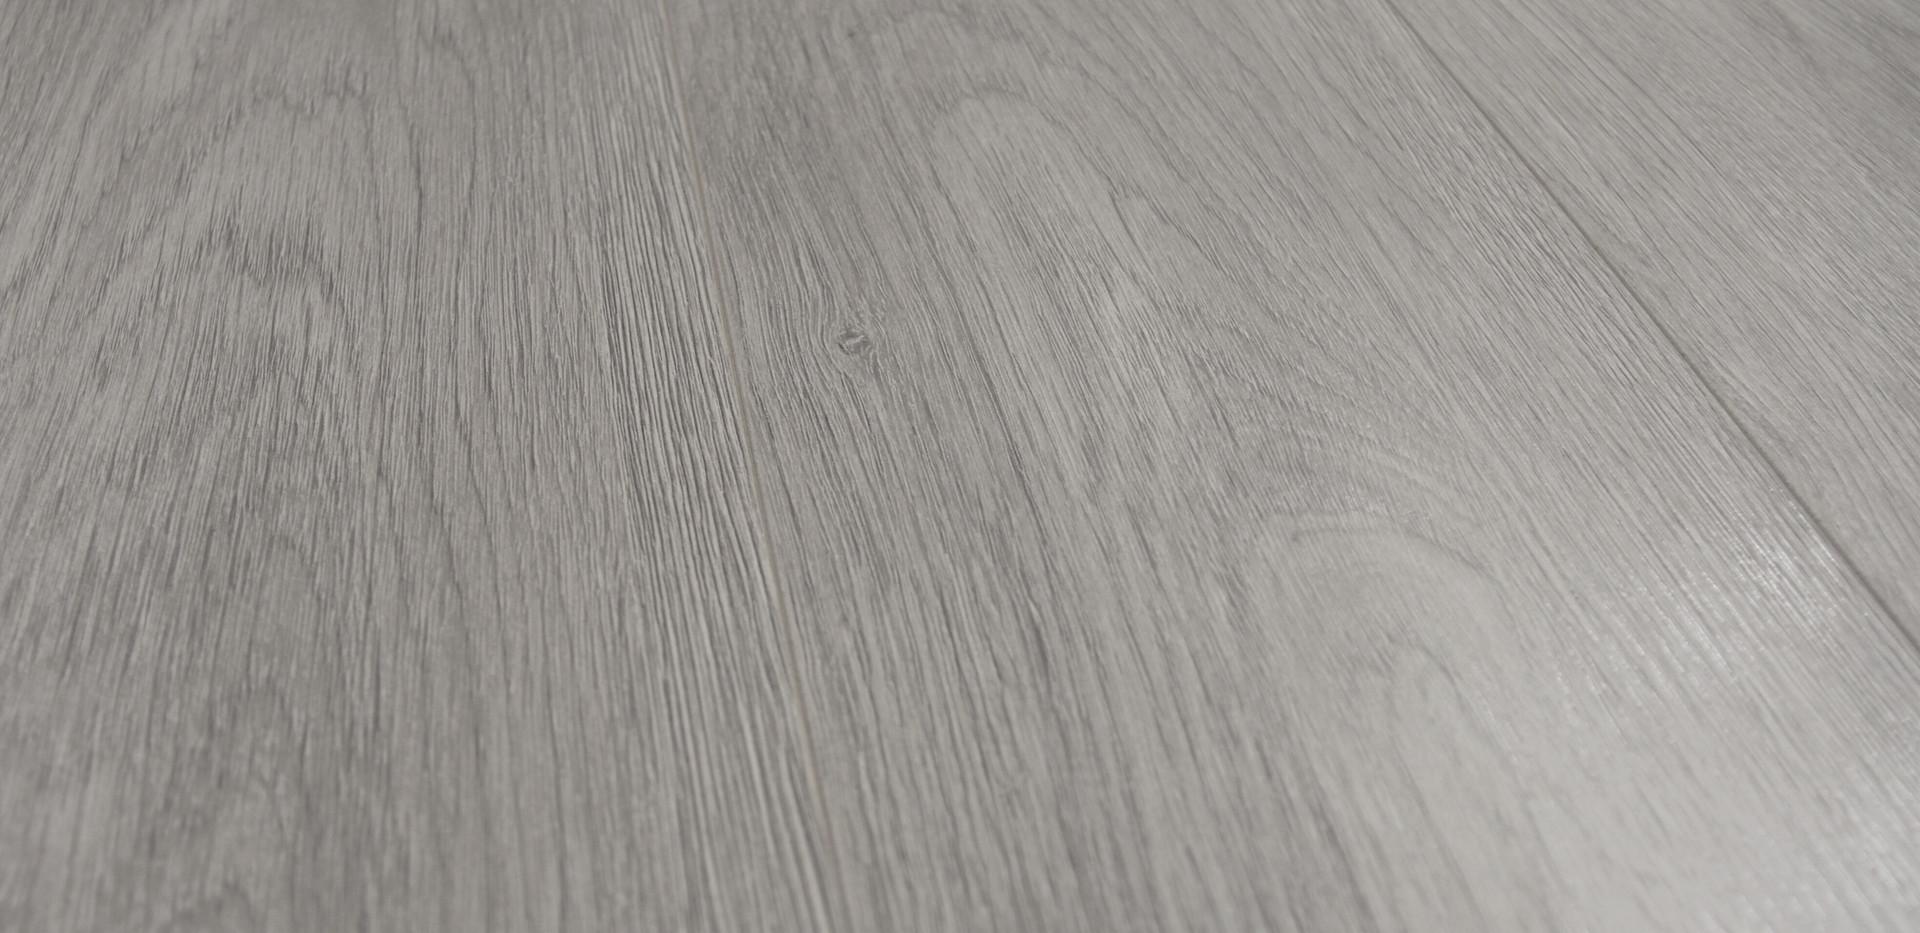 Silver Grey Oak